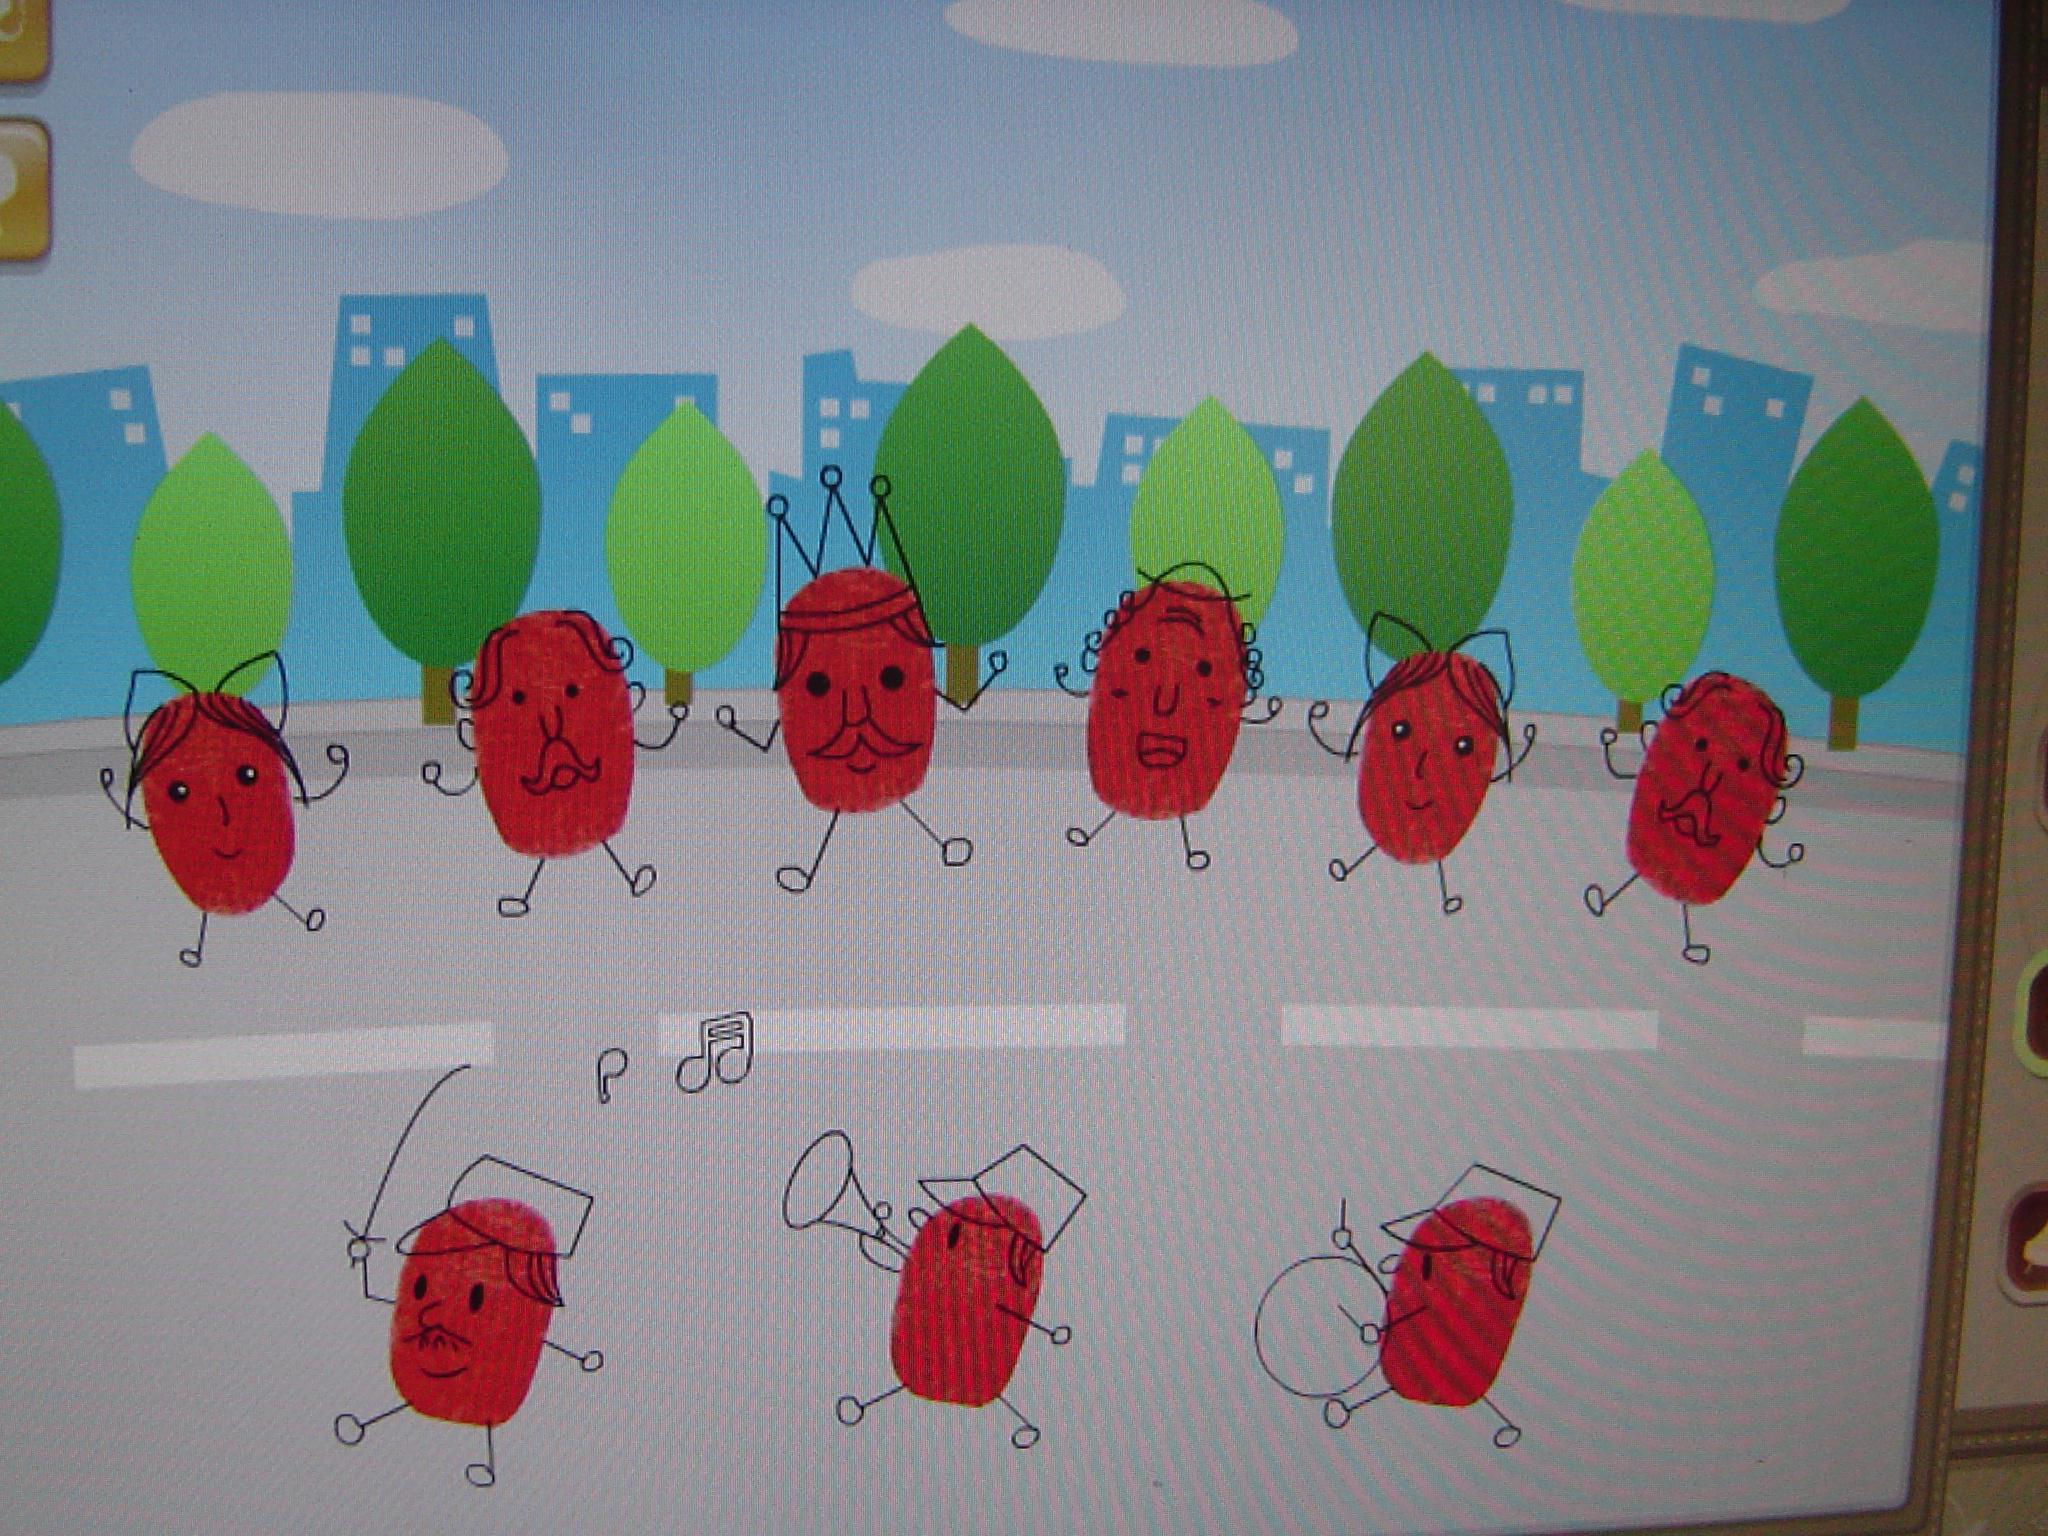 今天我们学了画画《小人国》,就是用手指蘸上颜料点画指纹,然后在指纹